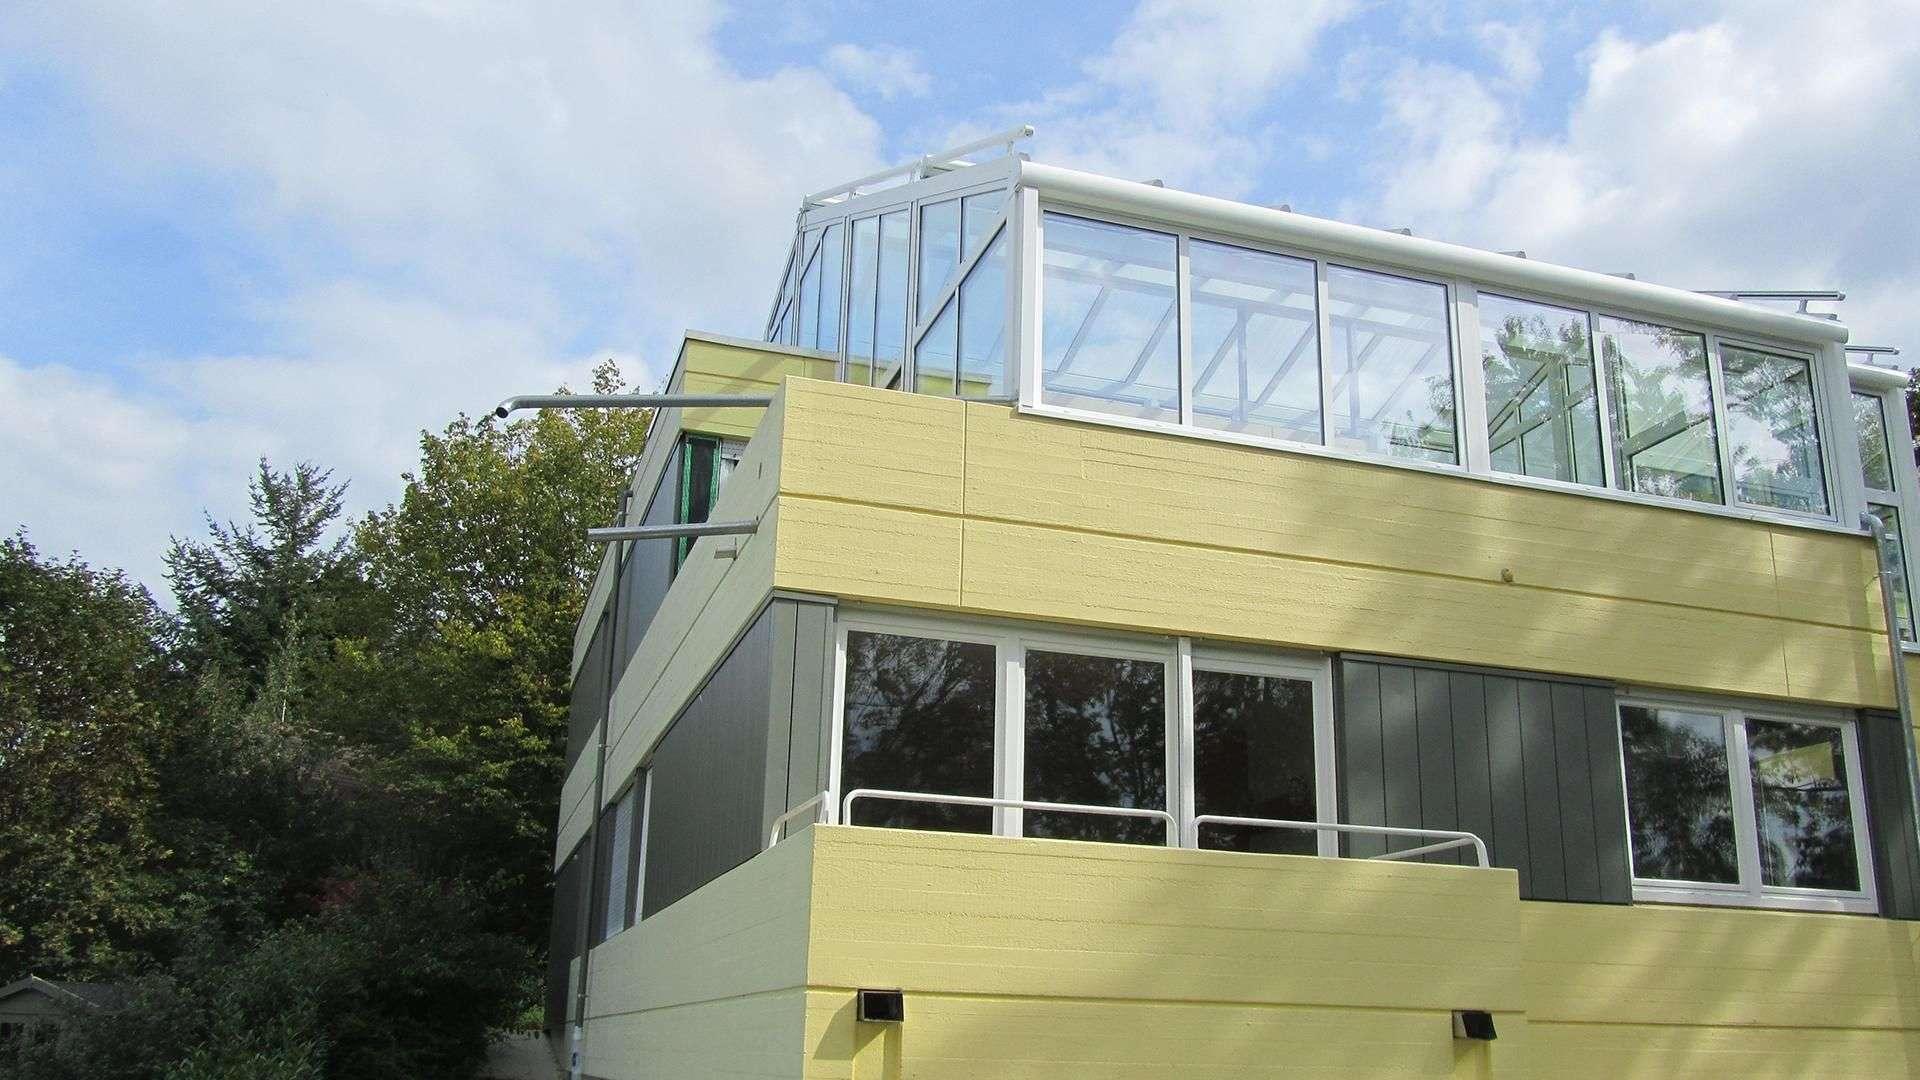 Wintergarten Akzent Plus auf dem Dach eines Mehrfamilienhauses